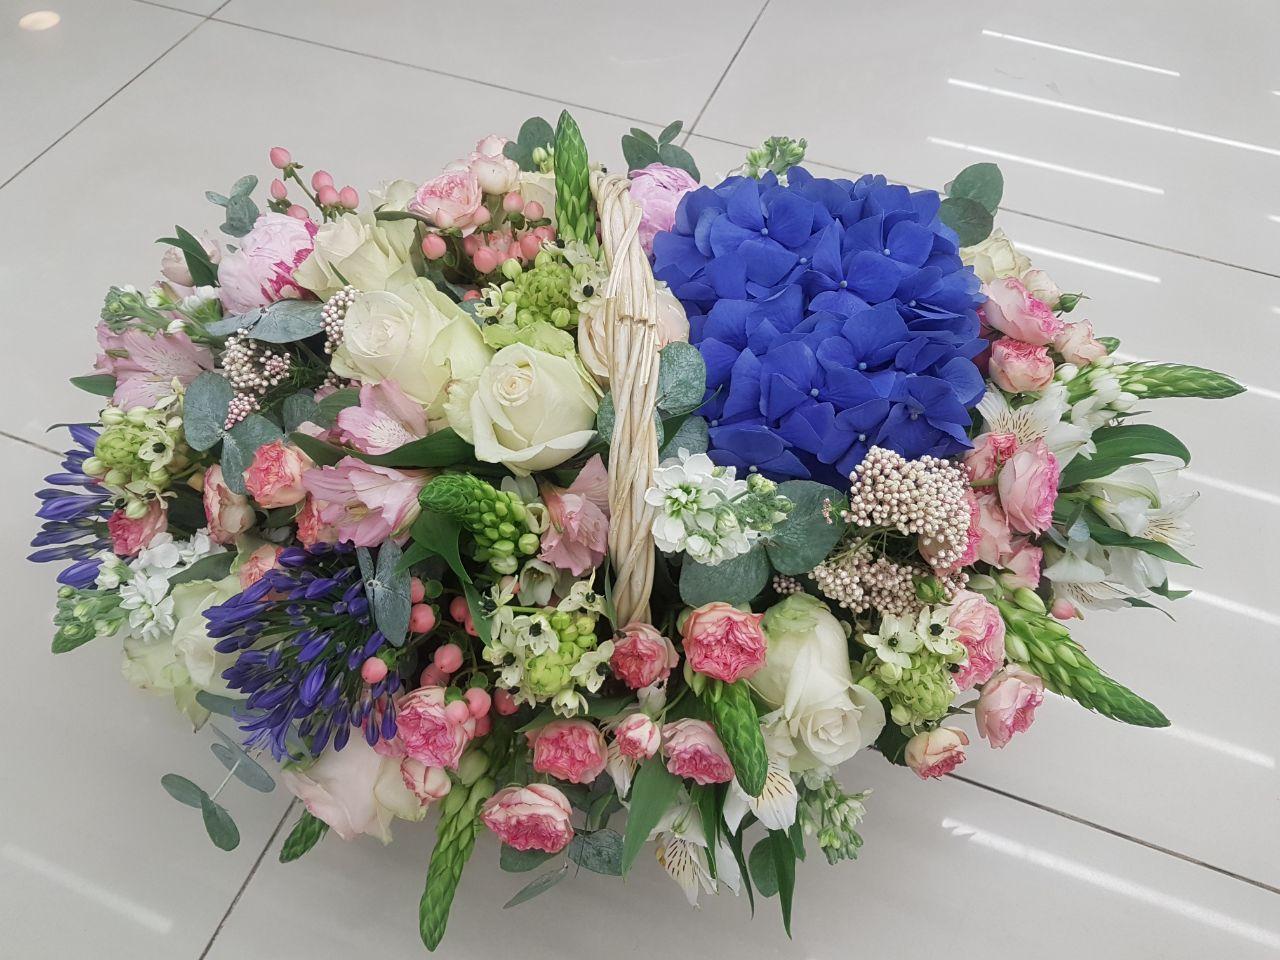 Где купить цветы в полтаве, rose интернет магазин